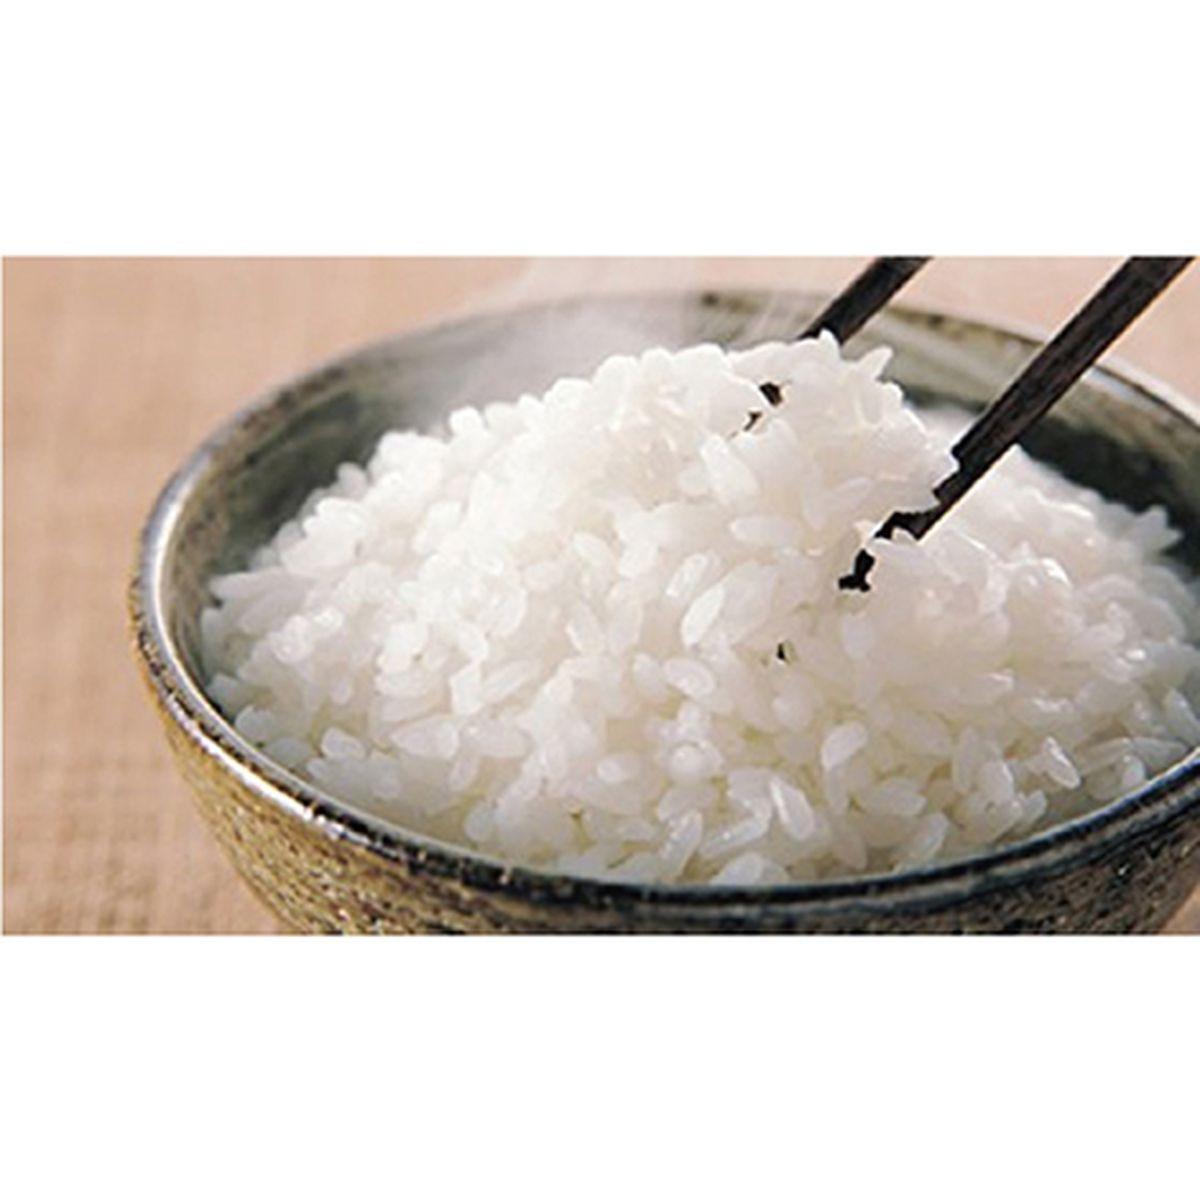 【送料無料】キングマカデミアン 石川県産 石川棚田こしひかり 2kg